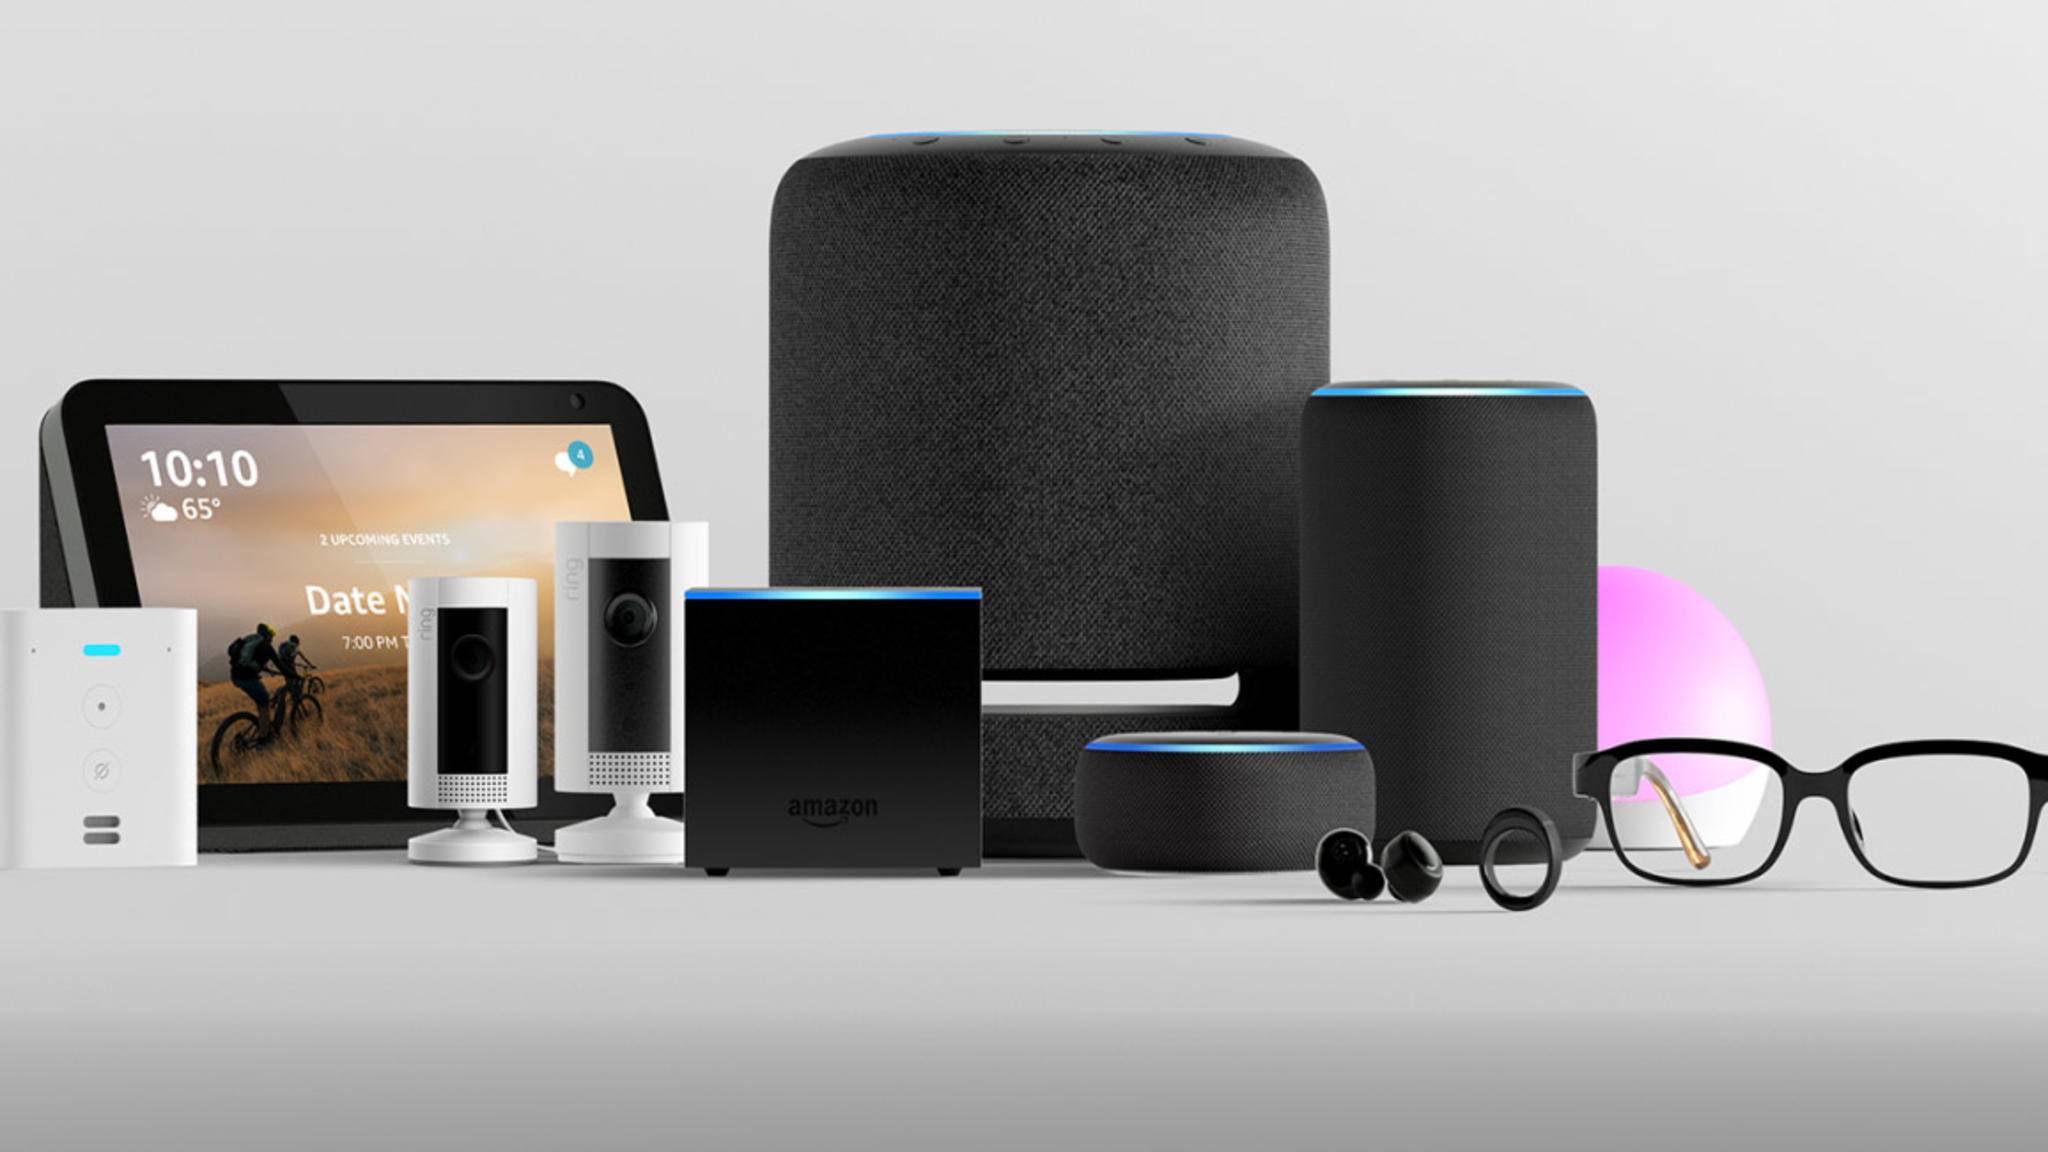 Viele neue Echo-Lautsprecher, aber auch einige Überraschungen hat Amazon auf einem Hardware-Event enthüllt.